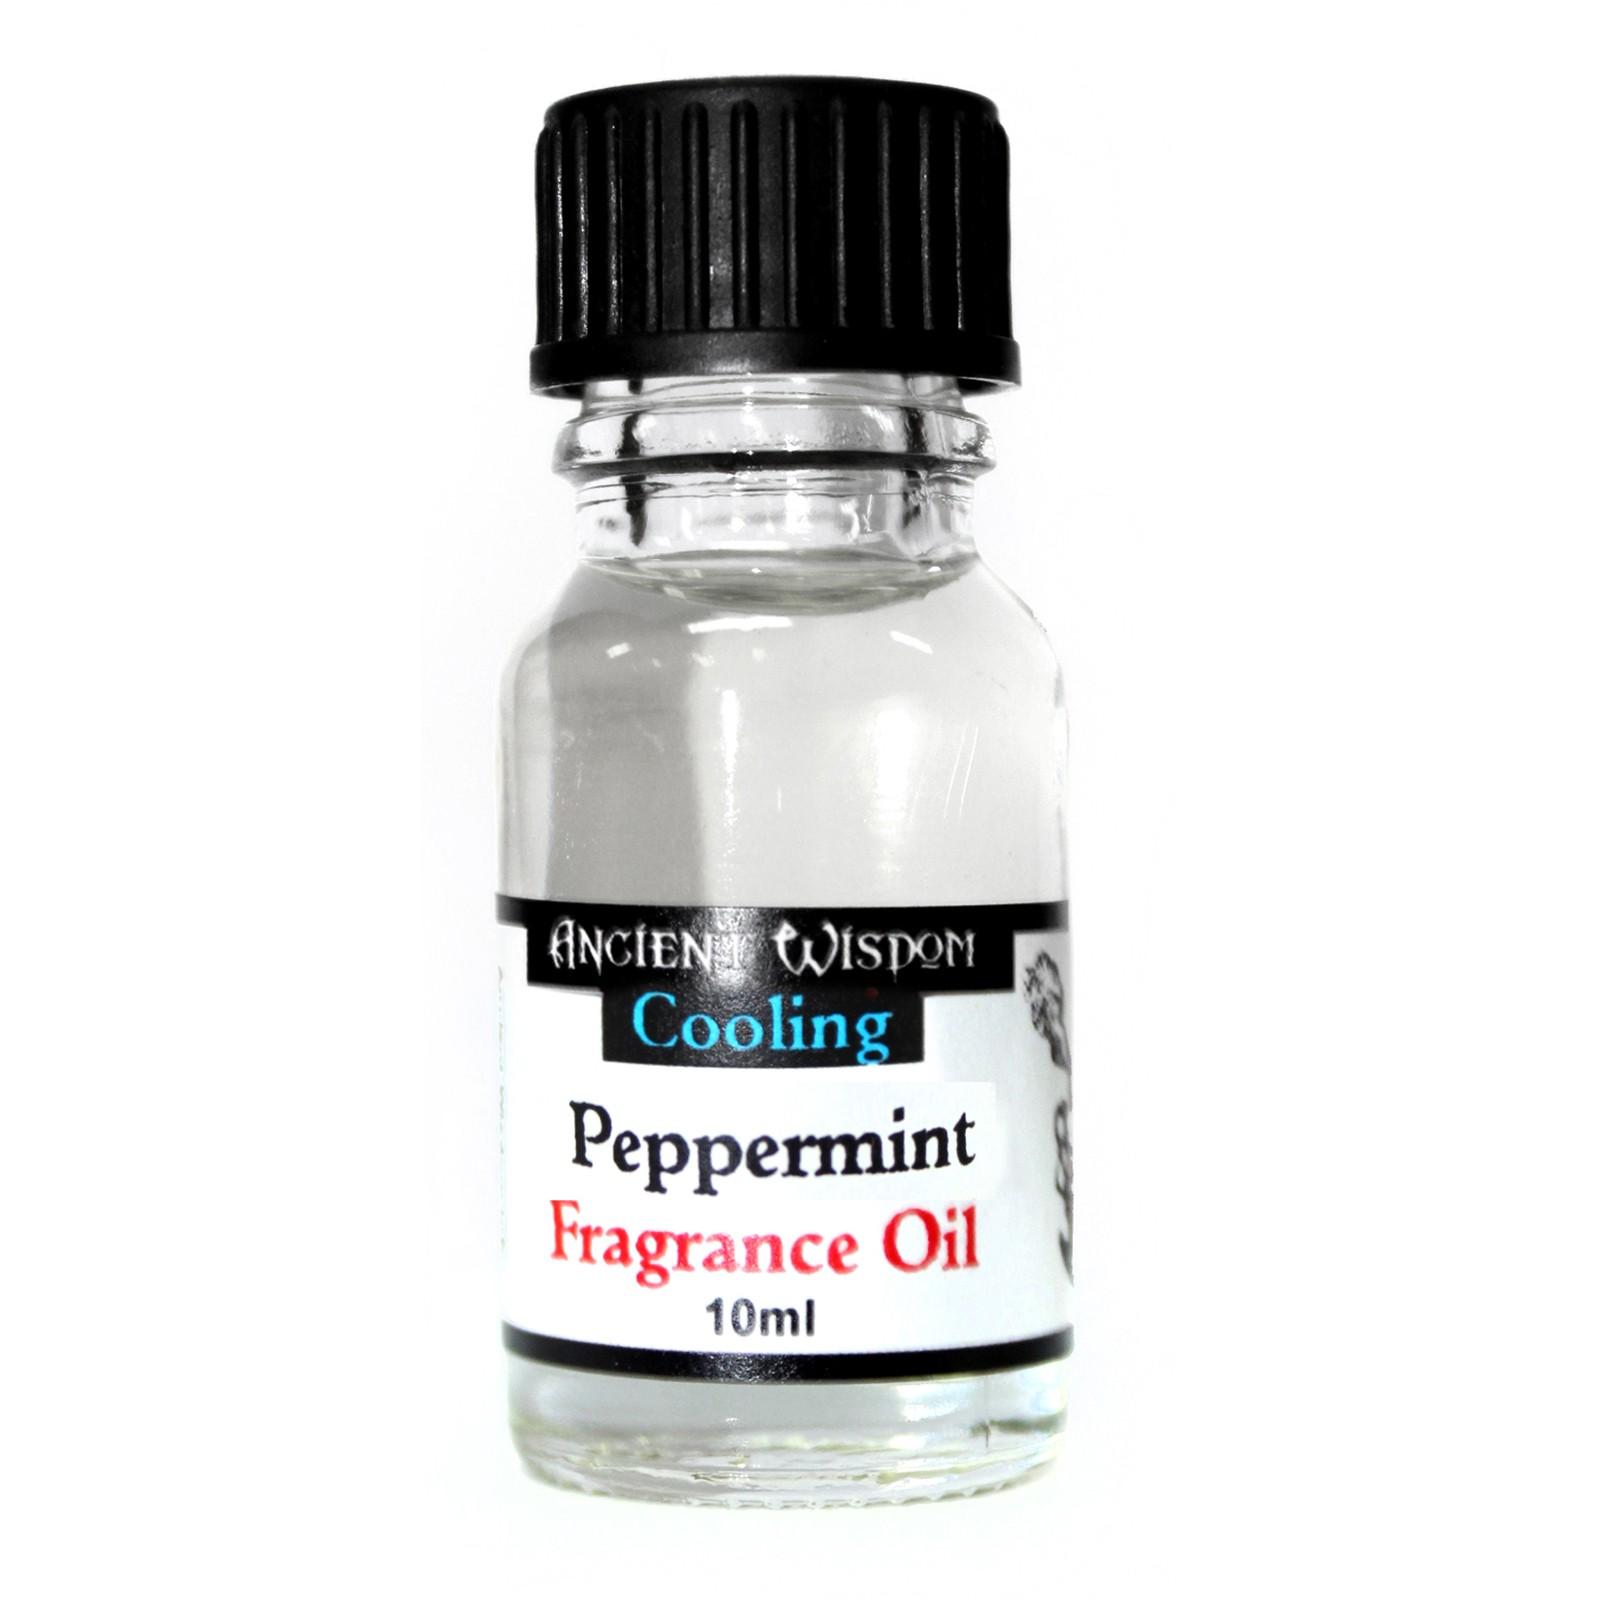 10ml Peppermint Fragrance Oil